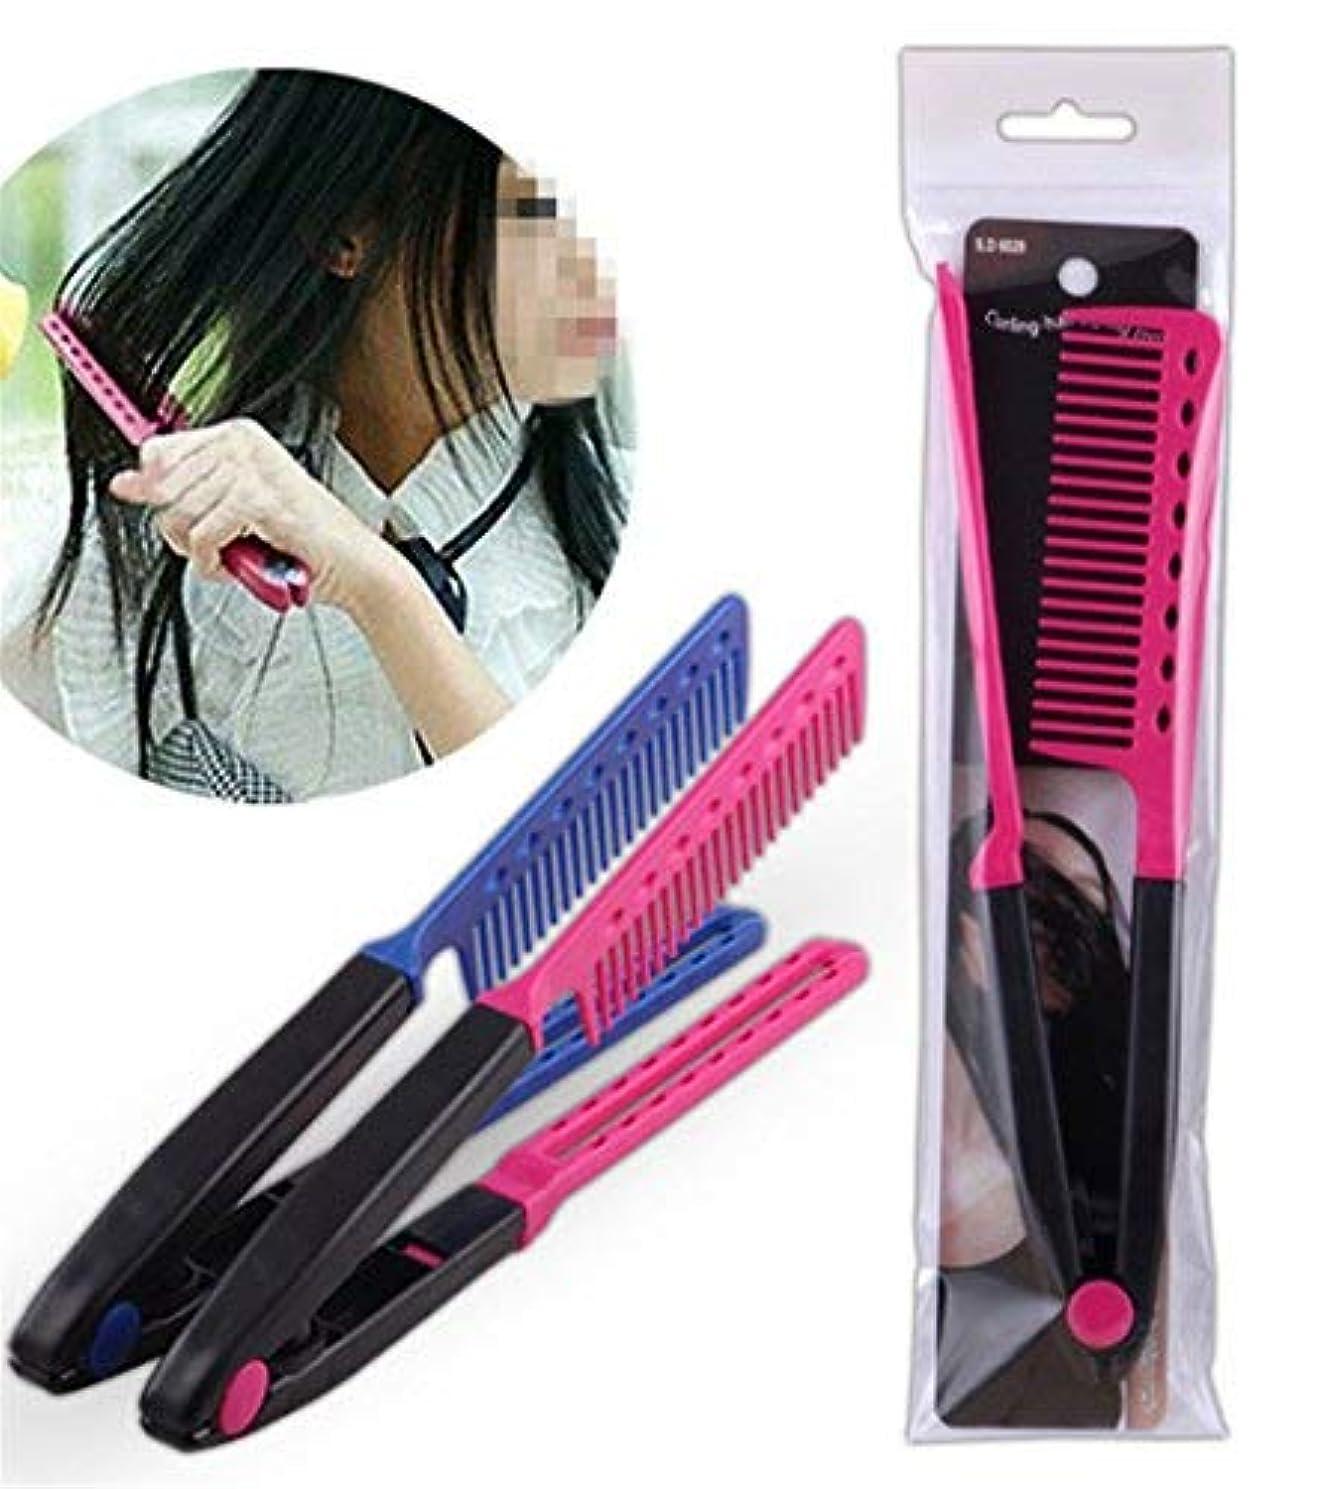 傷つきやすい気味の悪い管理者1Pc DIY Salon Hair Brush Combs Hairdressing Styling Hair Straightener V Shaped Straight Comb Color Random [並行輸入品]